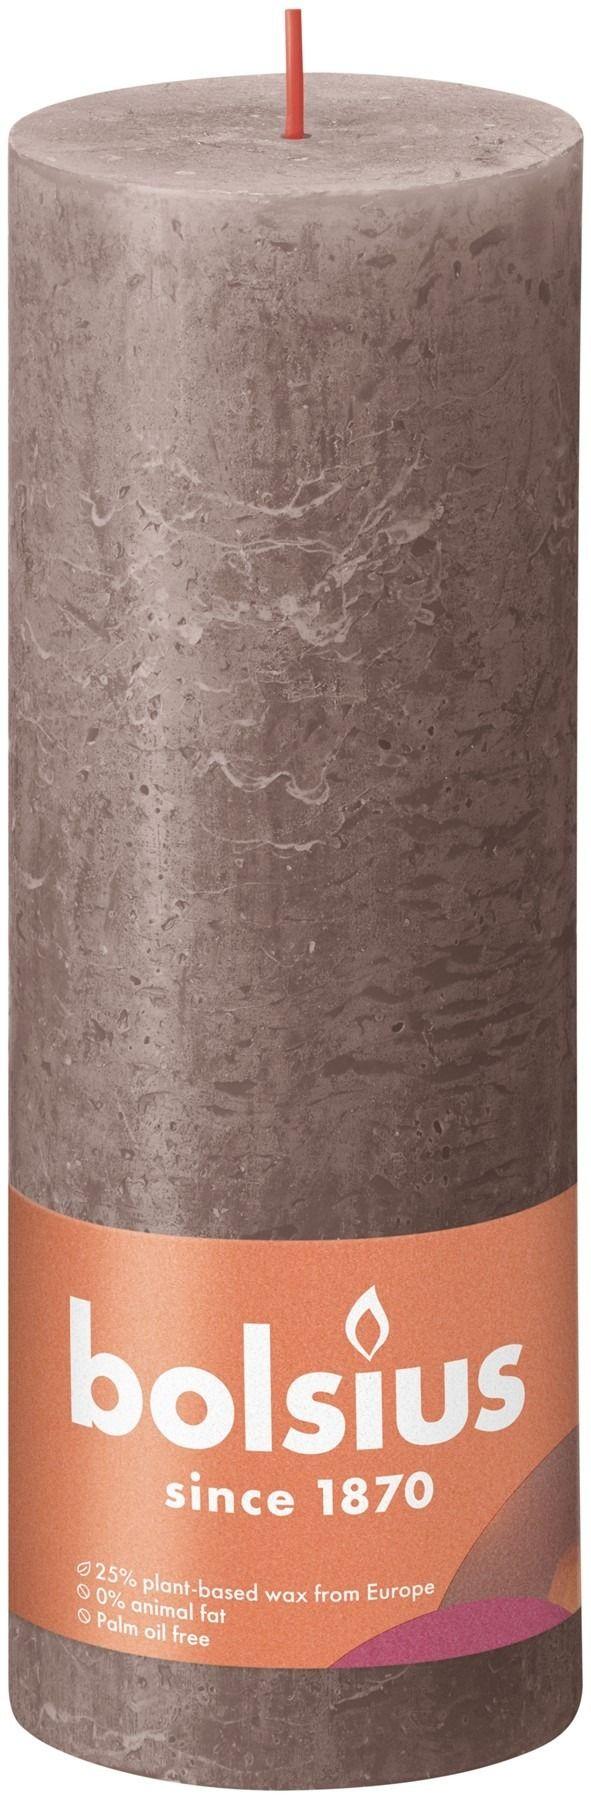 Bolsius Rustic Shine Pillar Candle 190 x 68 - Rustic Taupe